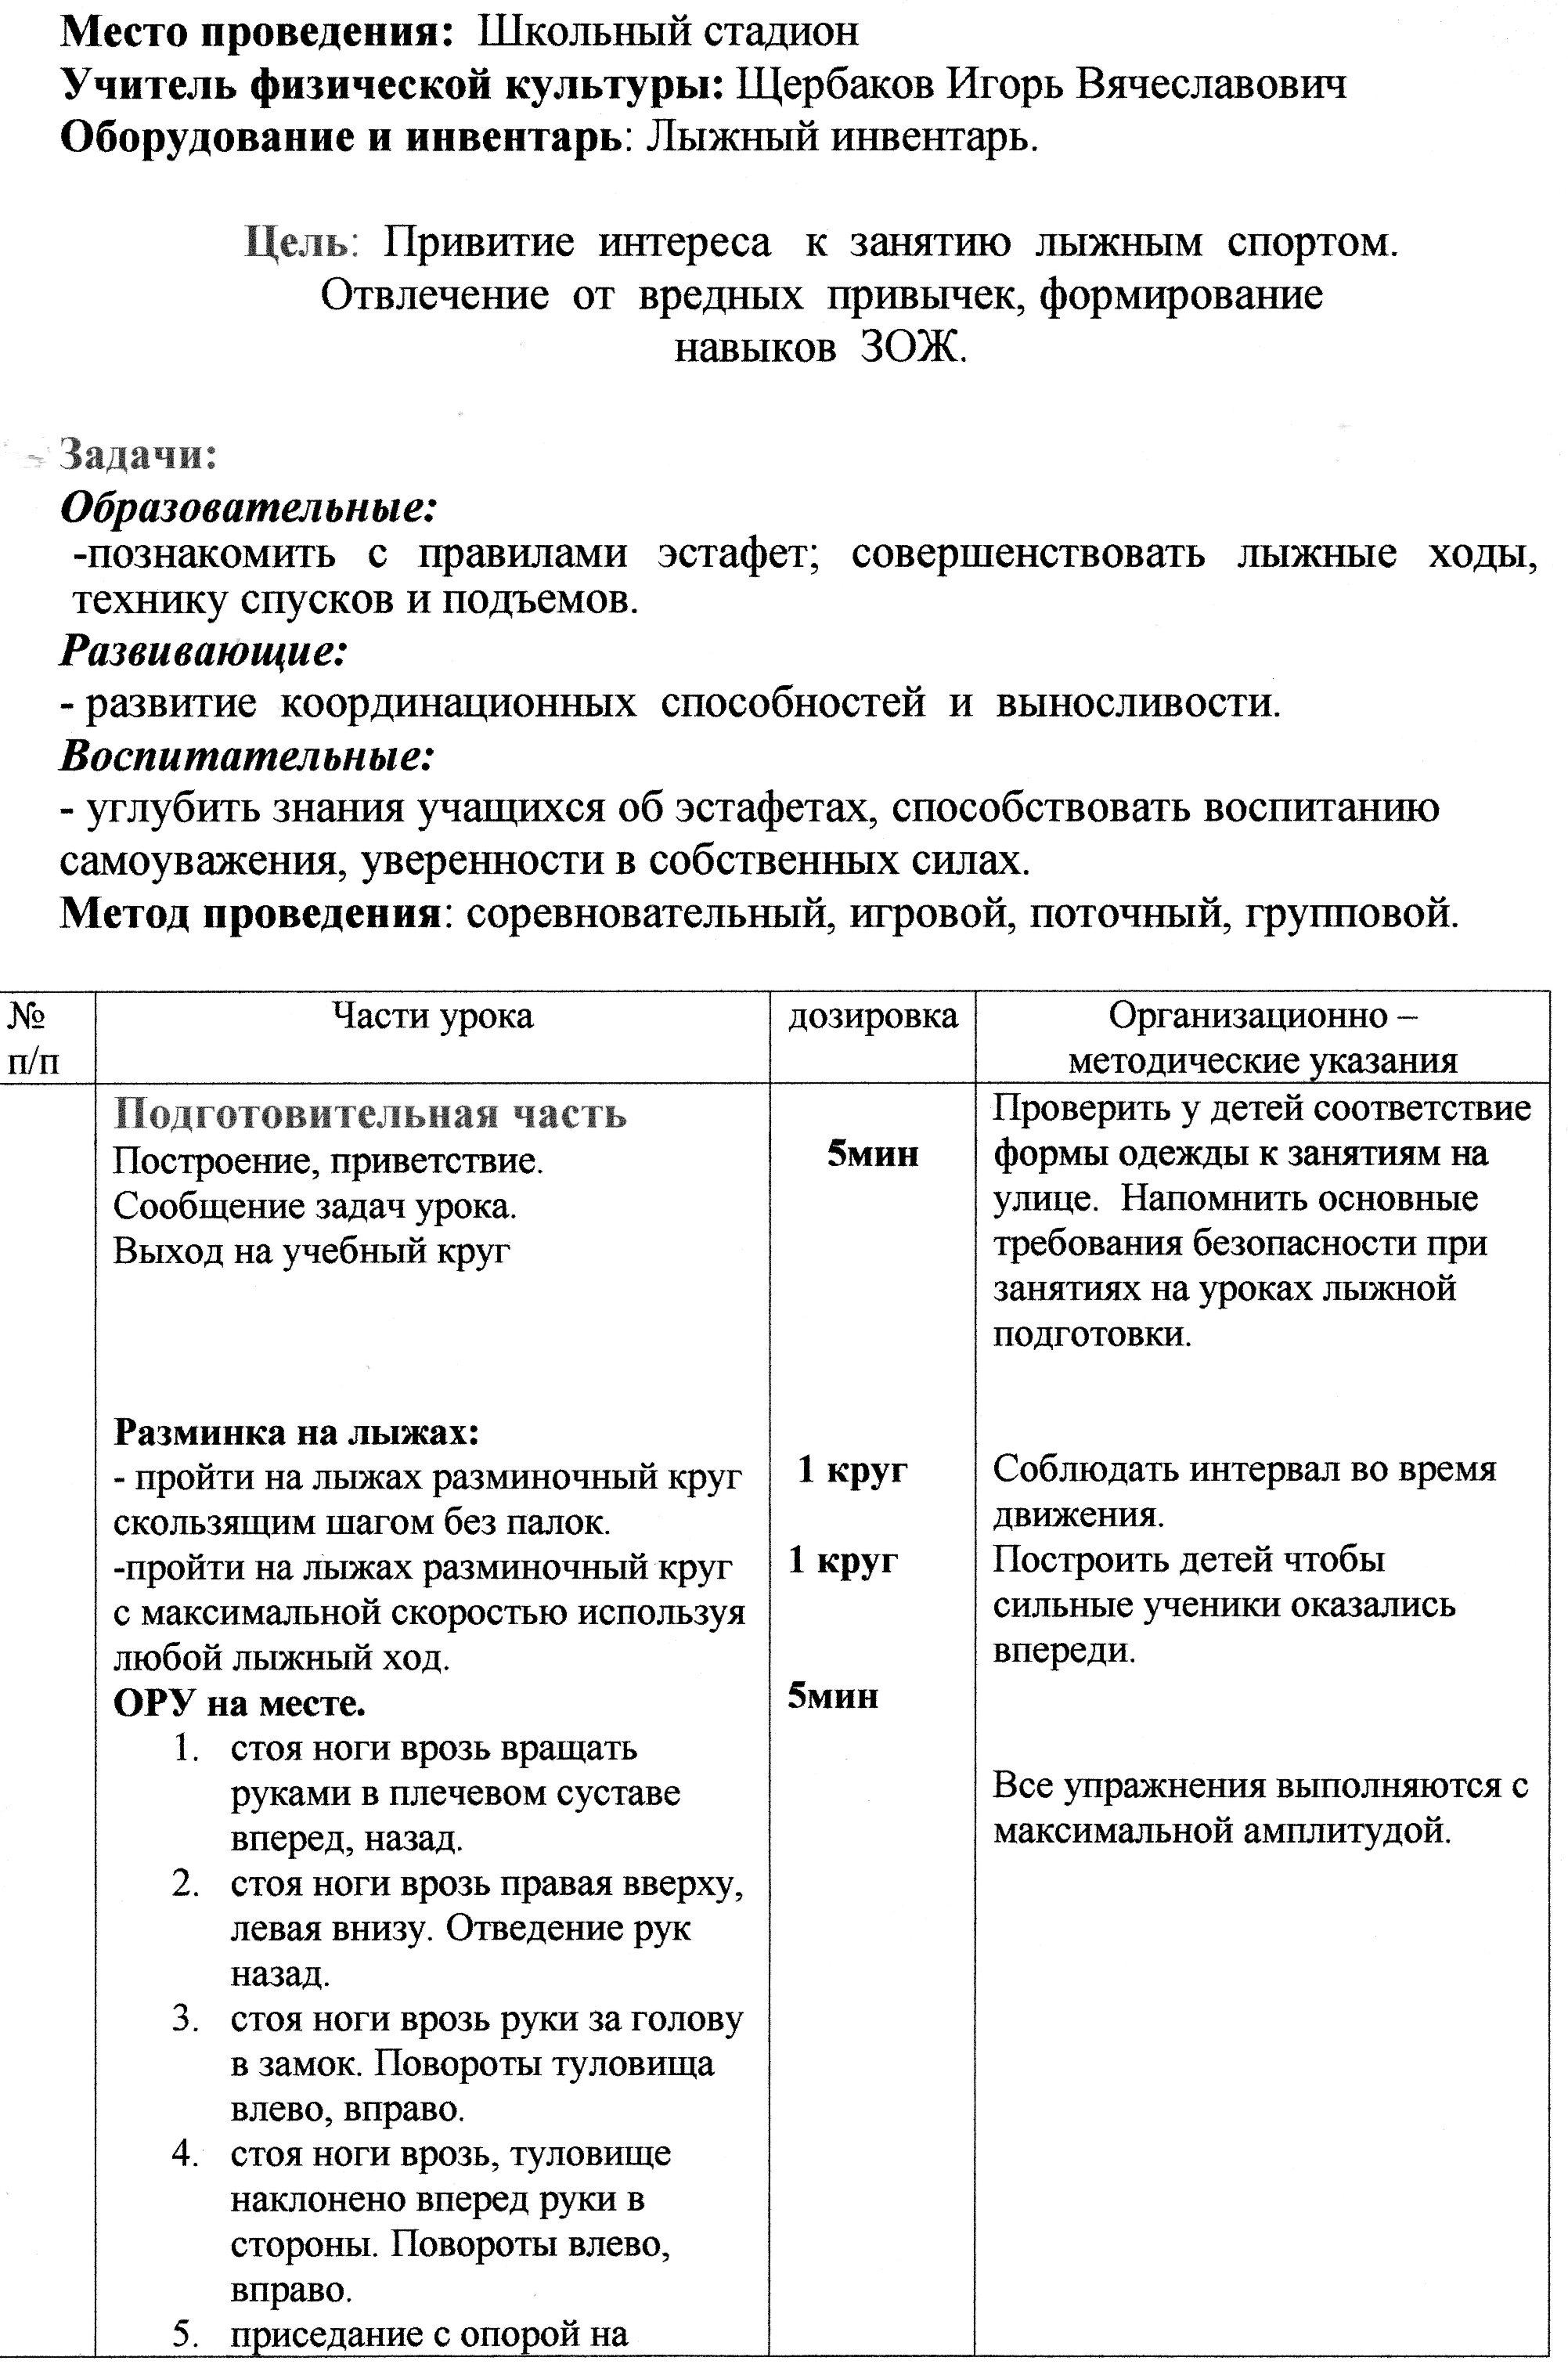 D:\Documents\документы\img092.jpg